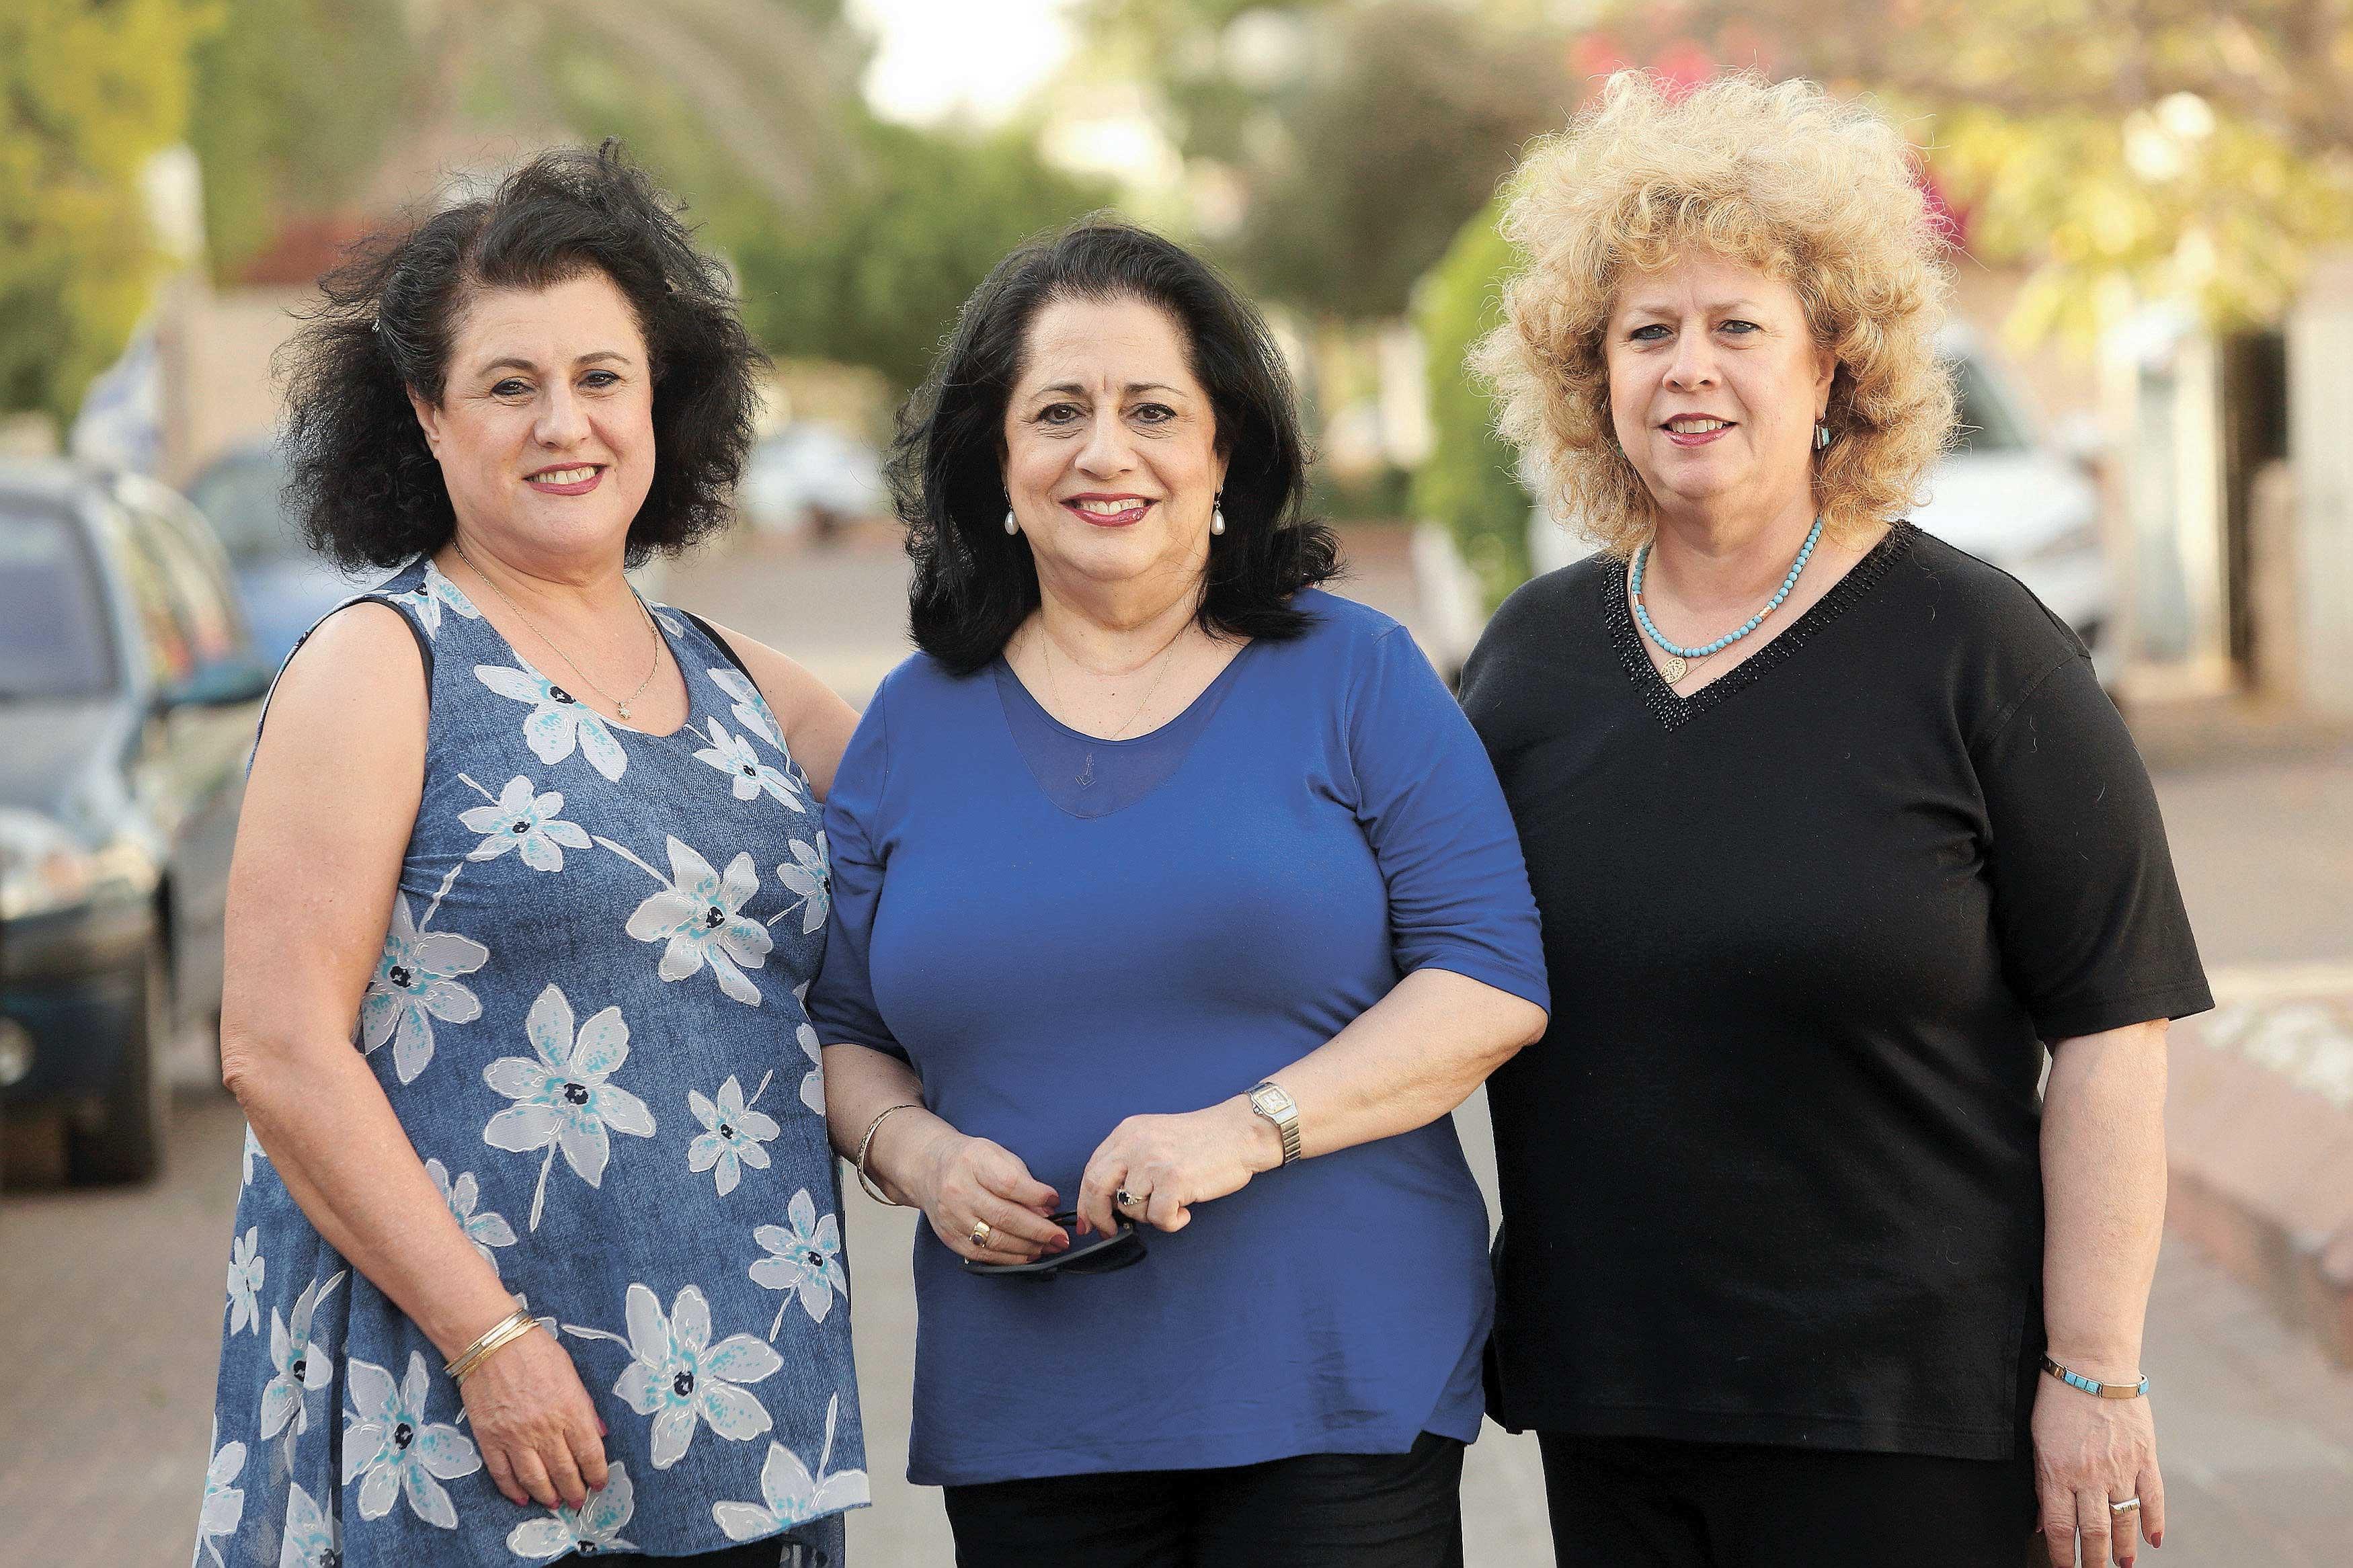 האחיות ועקנין צילום עזרא לוי